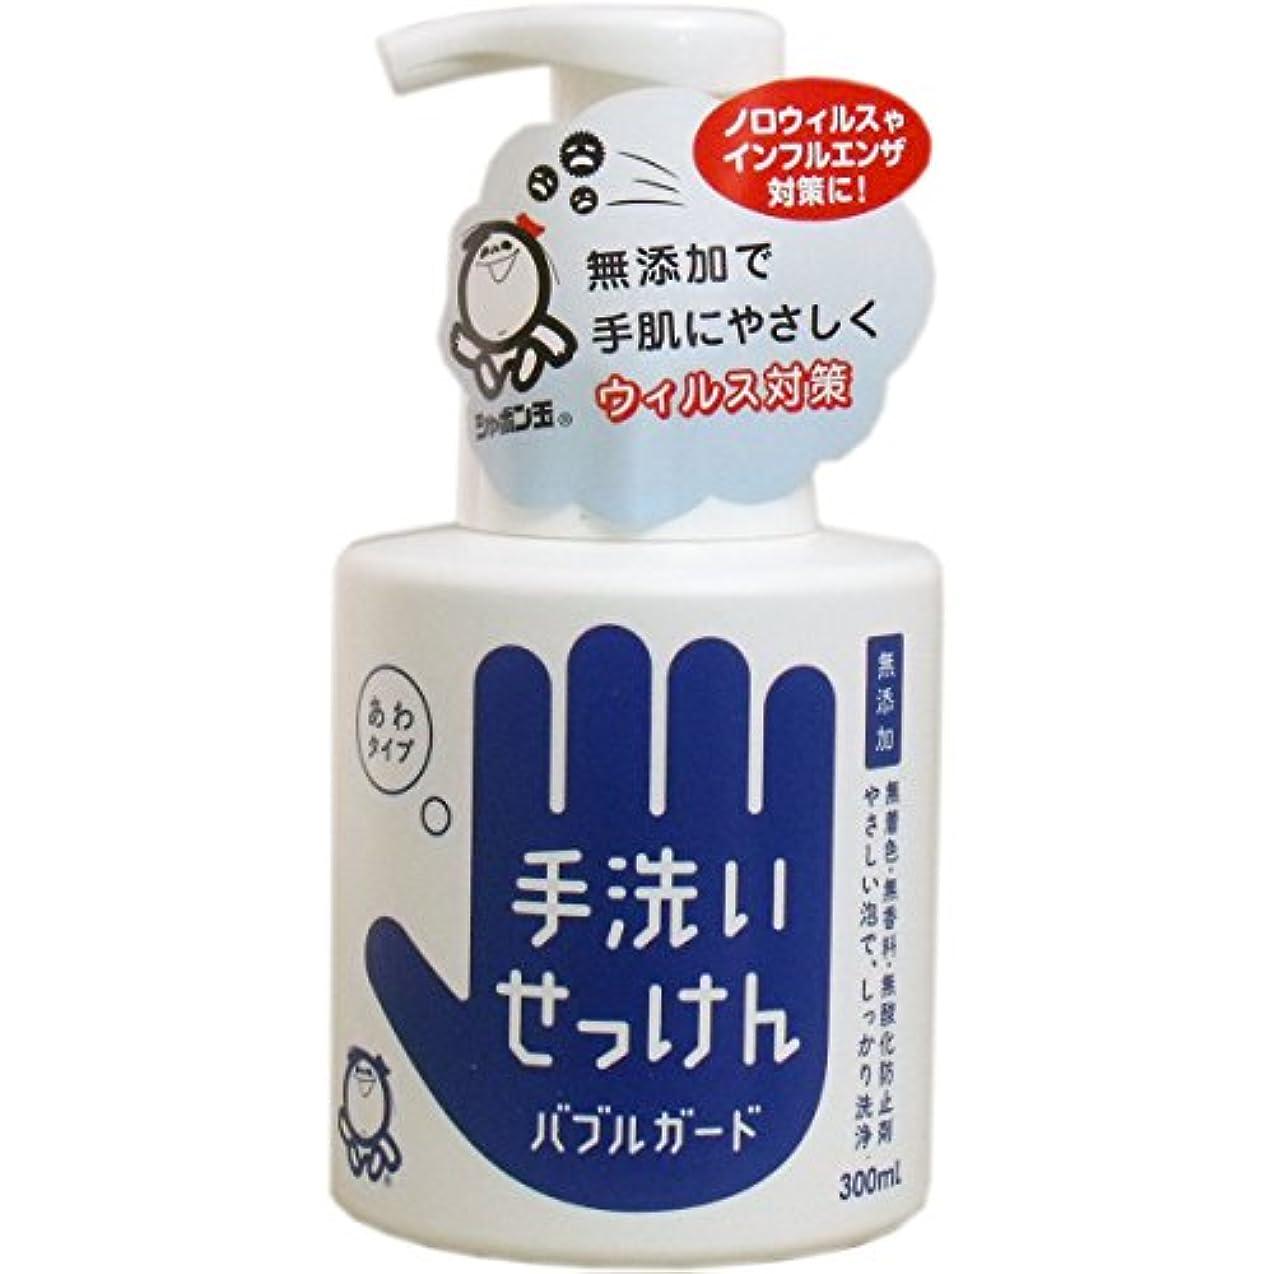 終了しました作成する普遍的なシャボン玉石けん 手洗いせっけん バブルガード 本体 300ml 1本